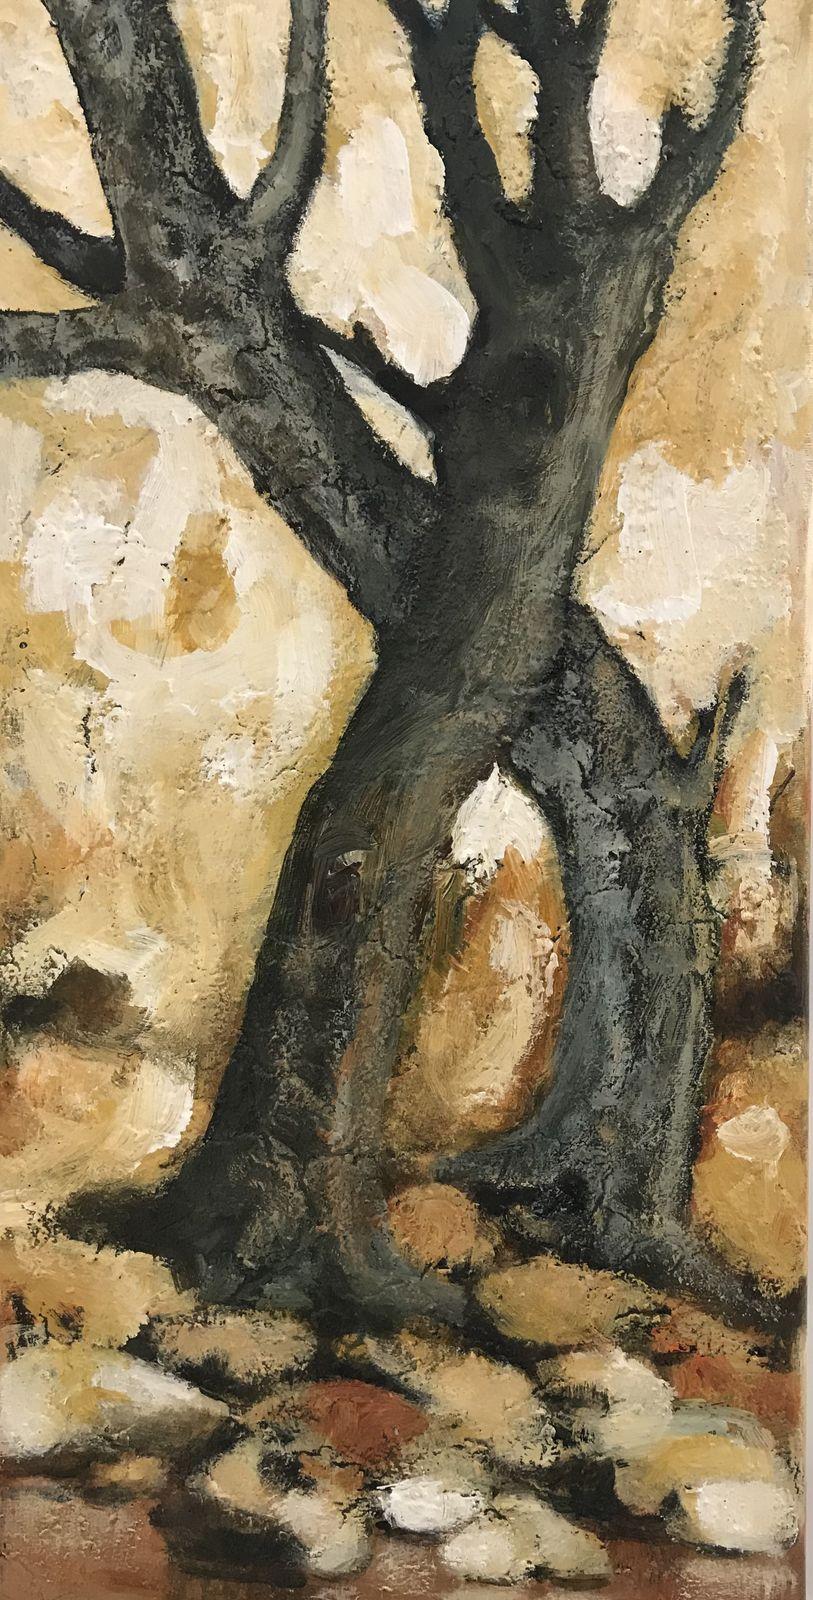 Κλεάνθη 30×60 εκ. Ακρυλικά σε καμβά Kleanthi 30×60 cm Acrylics on canvas